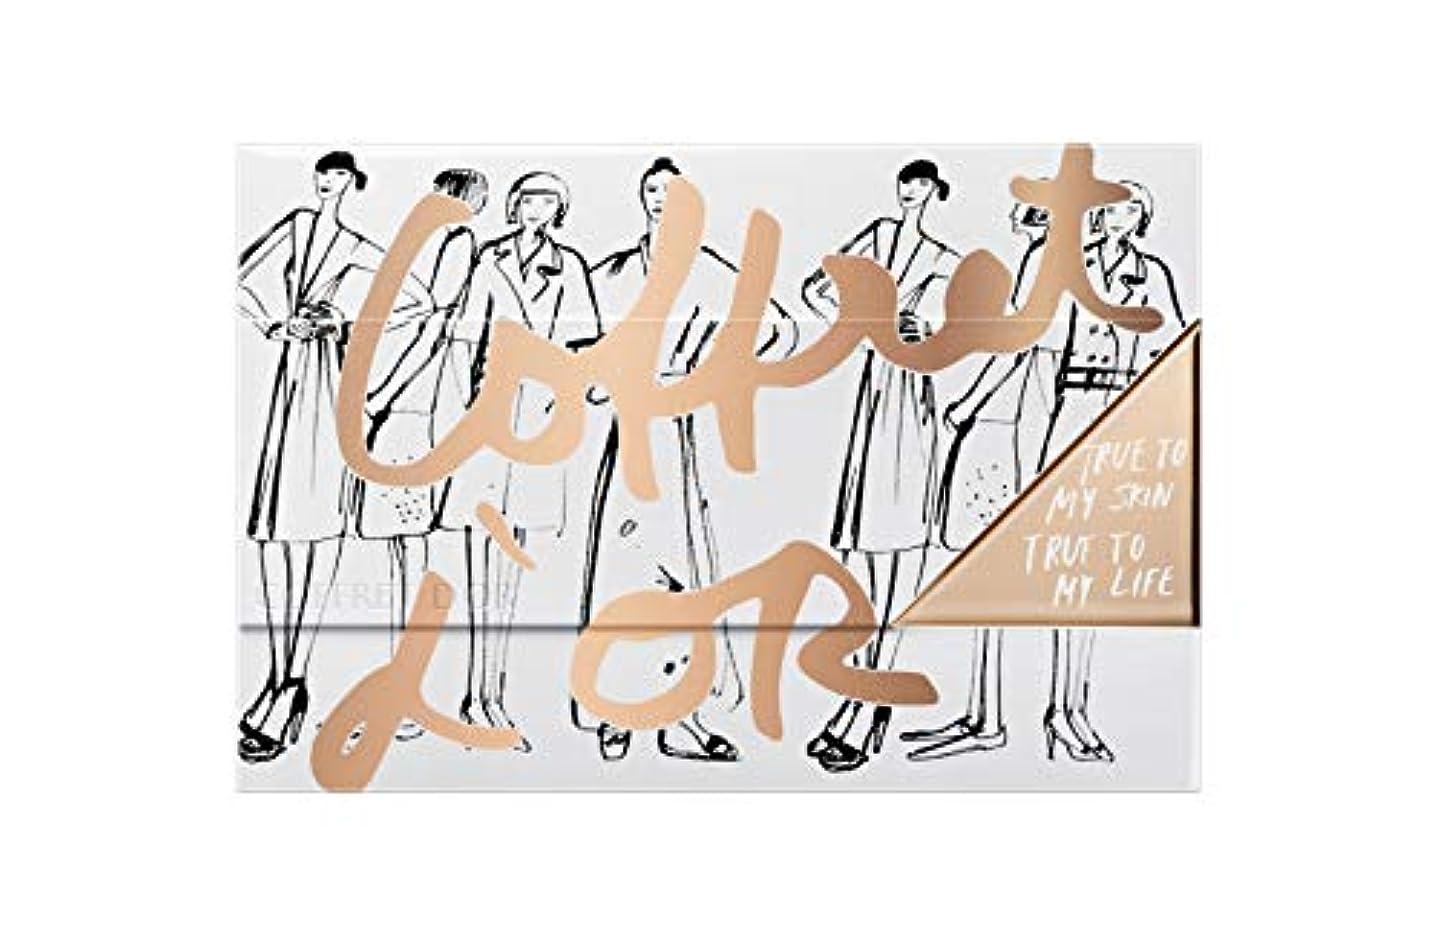 一貫した既に男性コフレドール ヌーディカバー ロングキープパクトUV リミテッドセットe オークル-B PLAYED DESIGN 【LIKE A GIRL】 SPF20 ?PA++ ファンデーション(パクト)